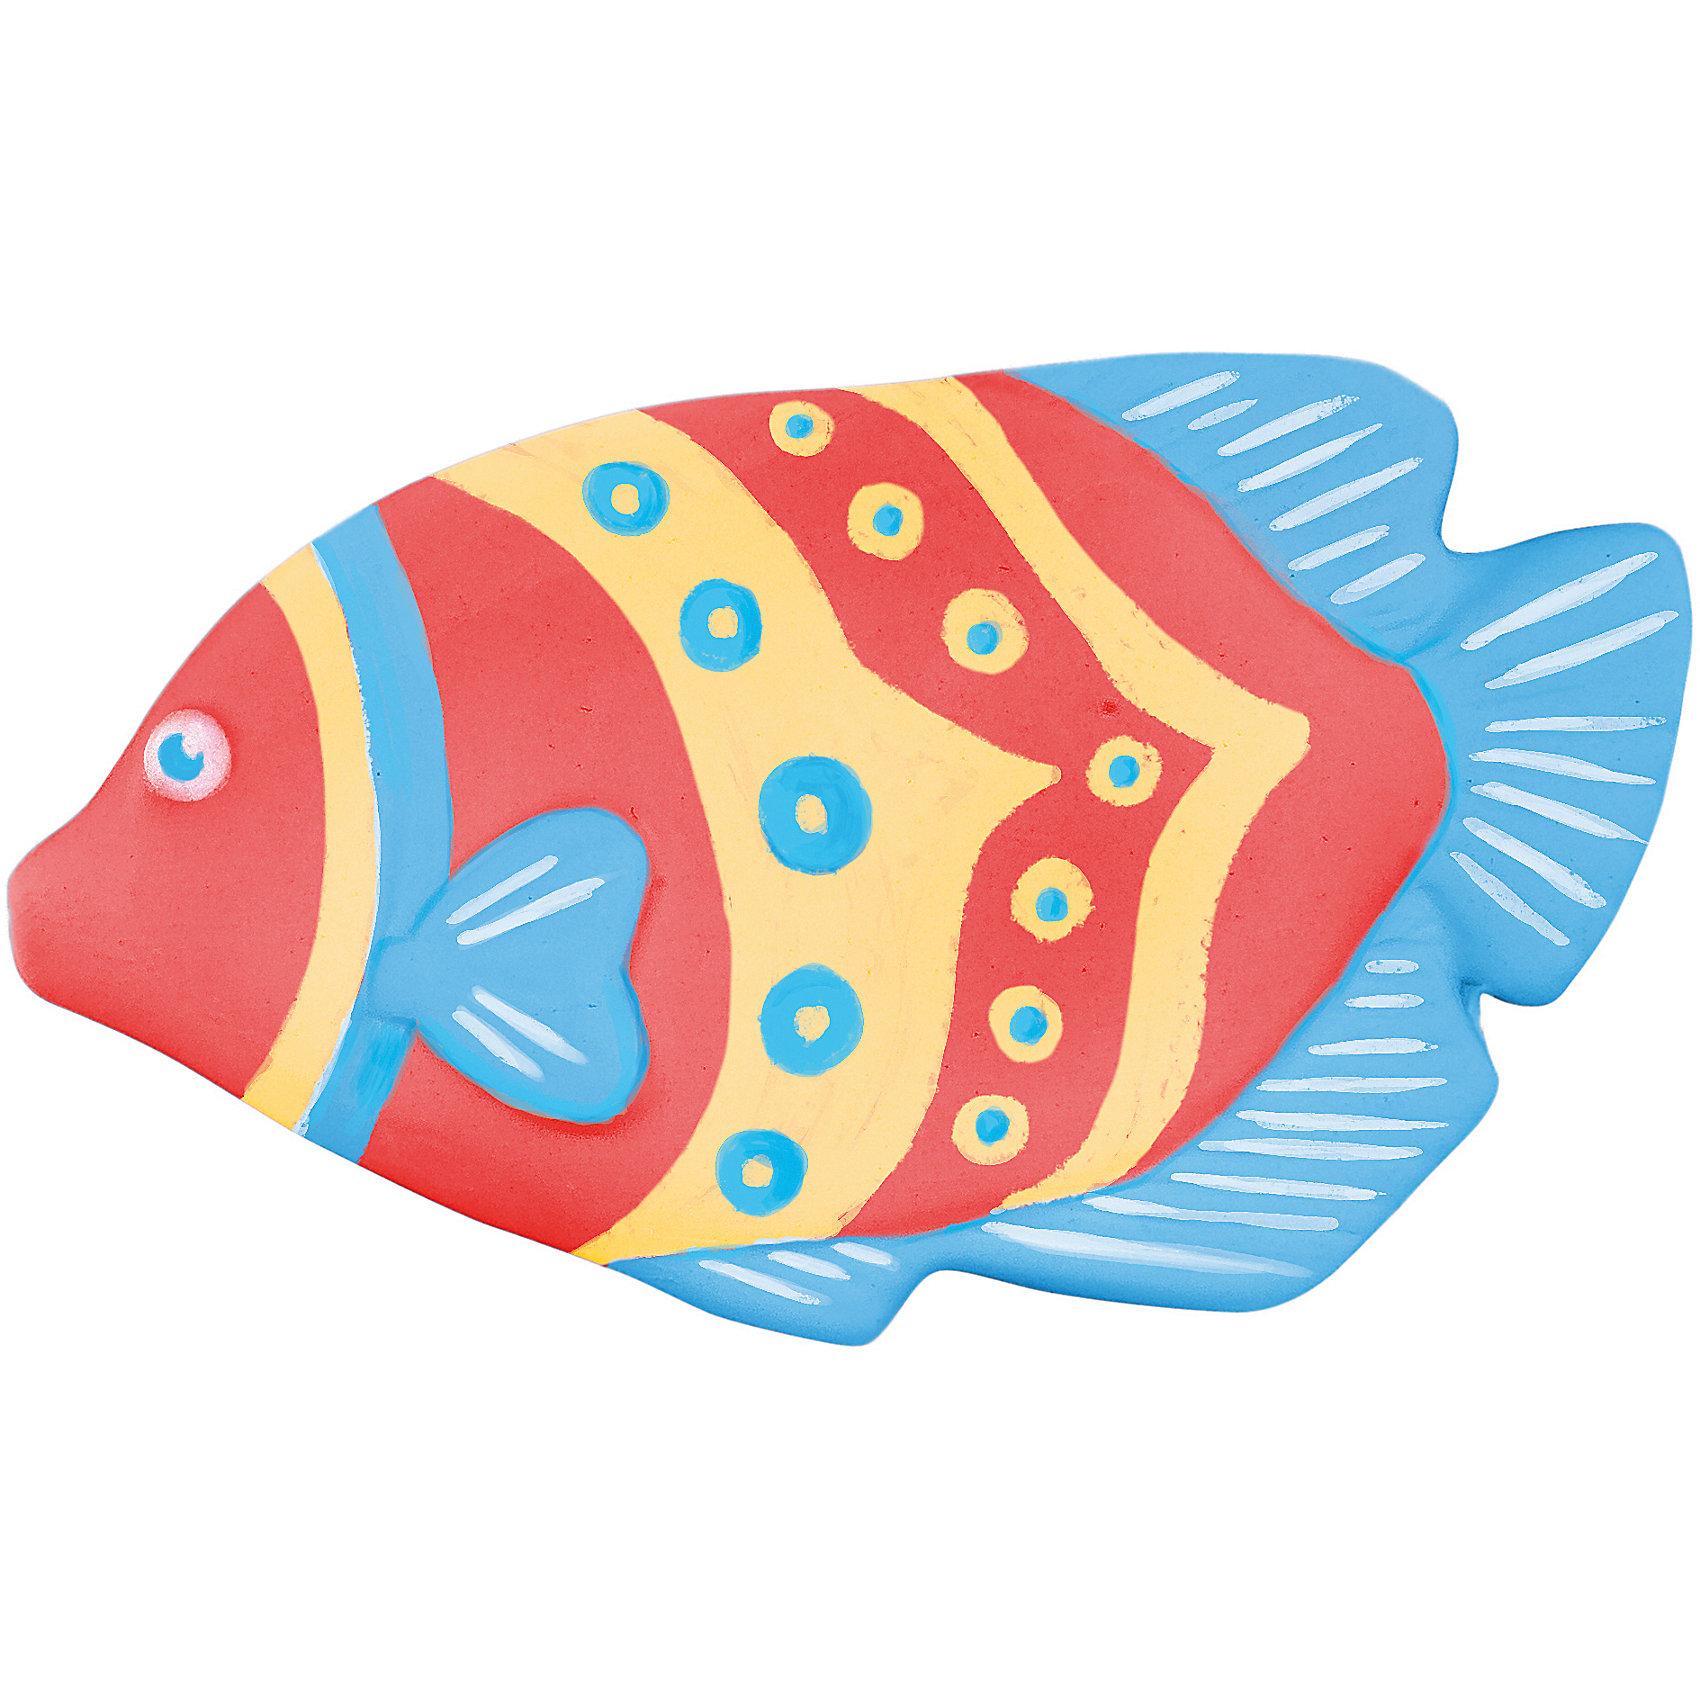 Color Puppy Набор для творчества роспись Цветная рыбка краски набор для творчества color puppy краски витражные 6цв 10мл